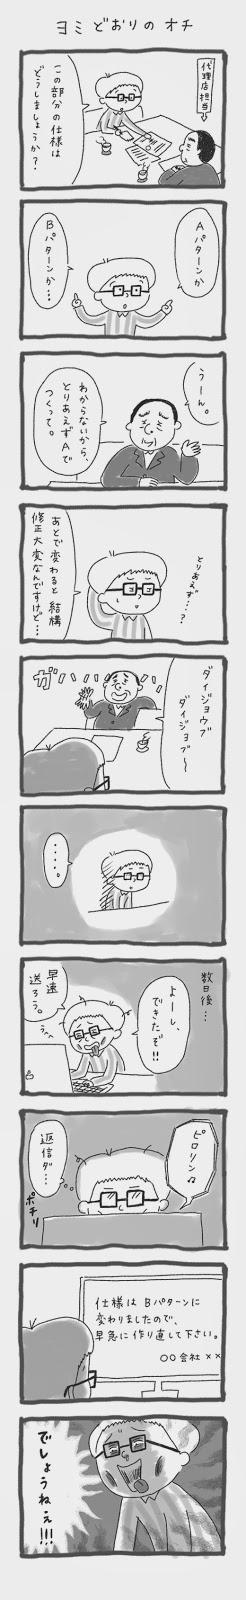 http://www.aruaru.unsung.jp/